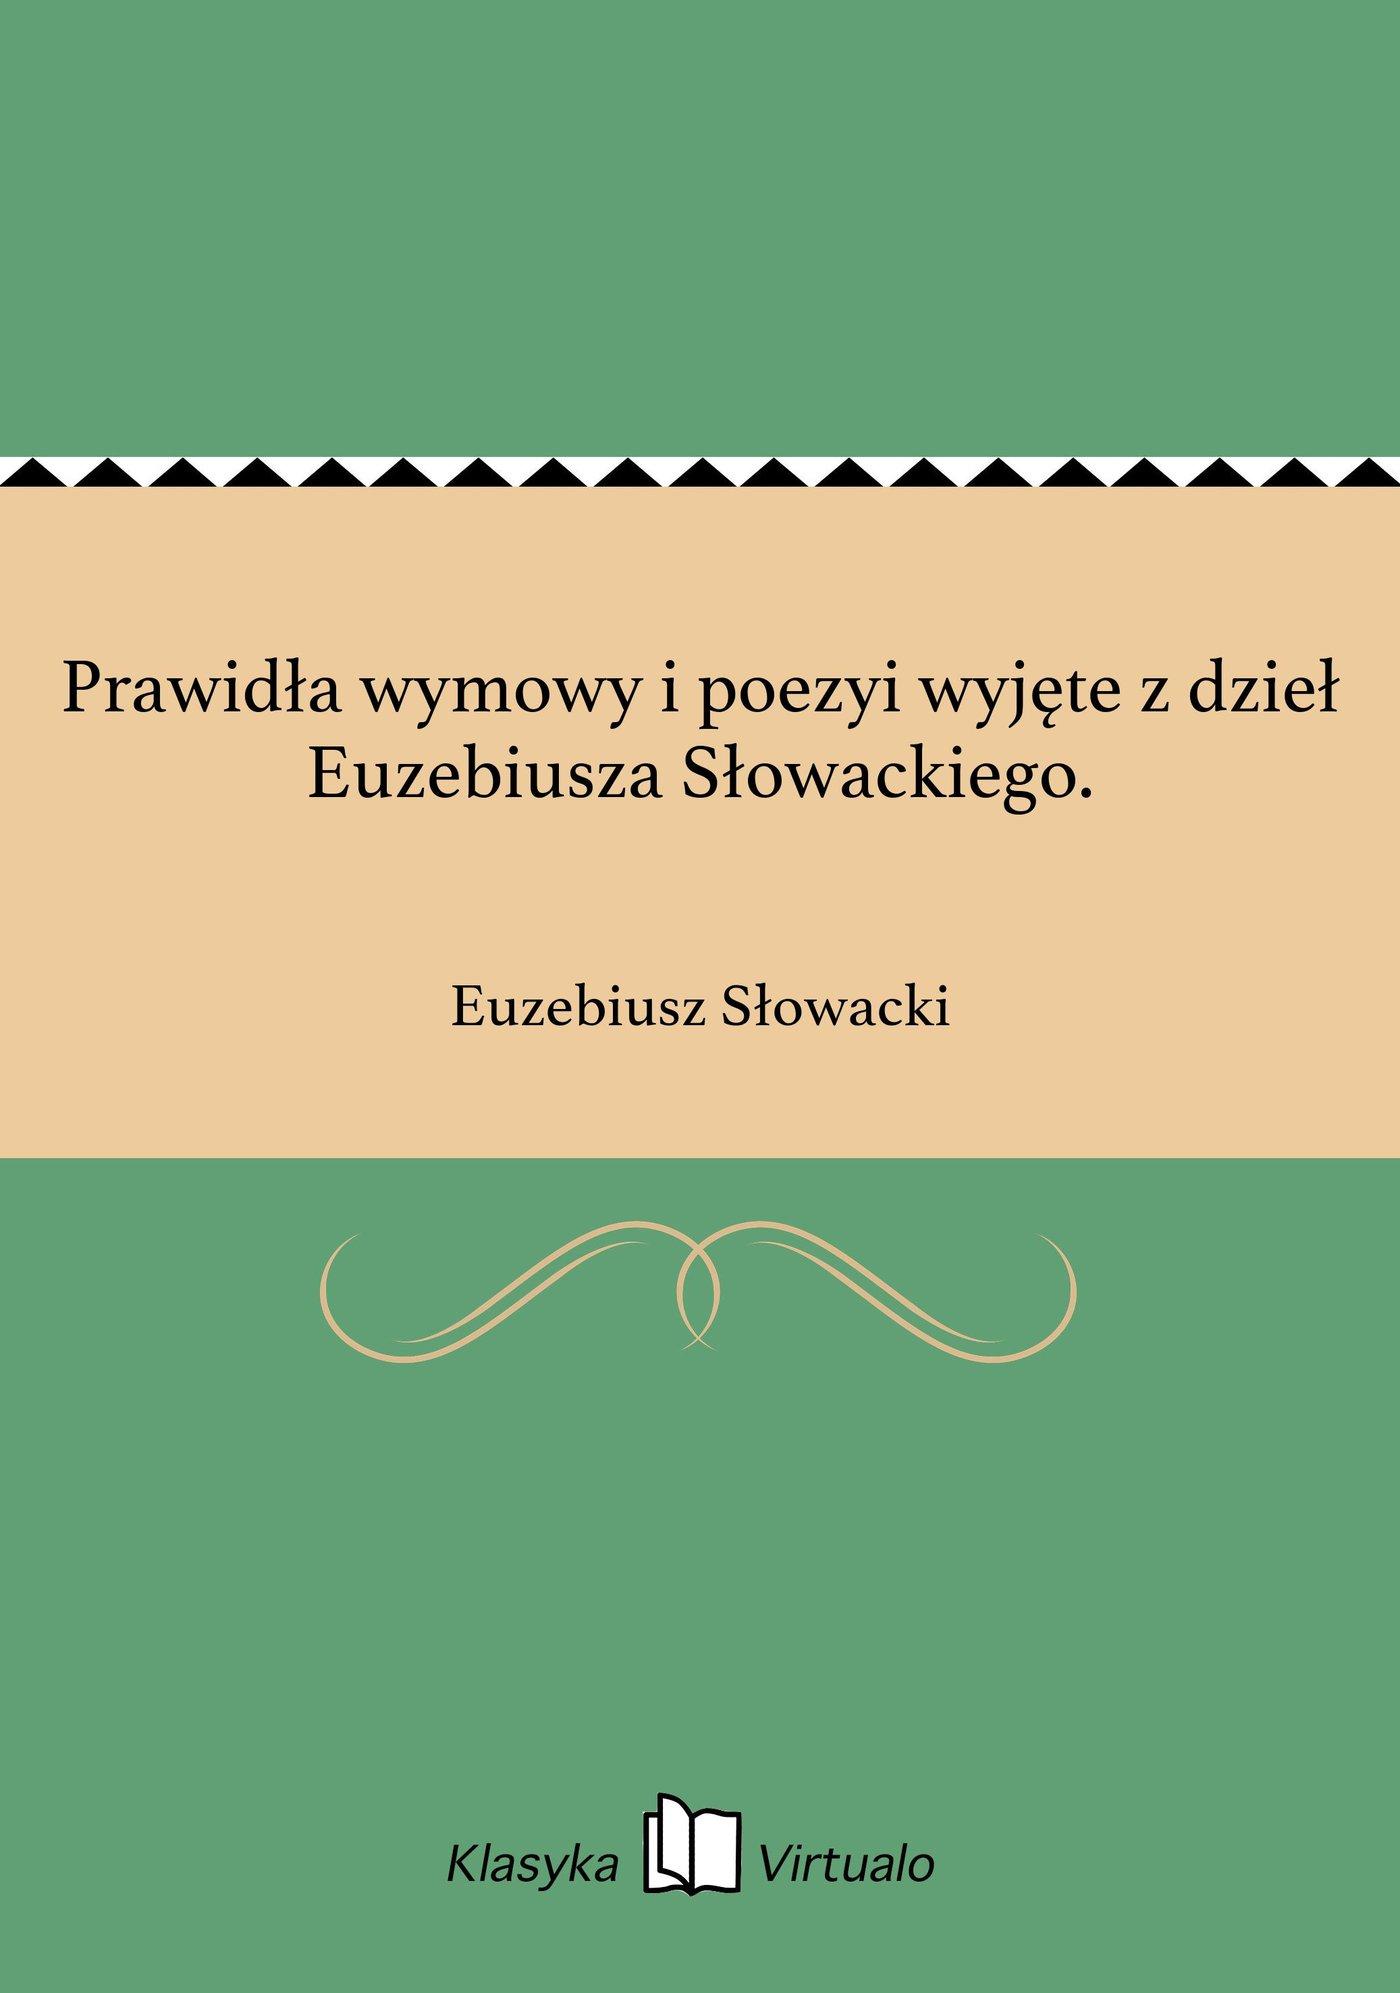 Prawidła wymowy i poezyi wyjęte z dzieł Euzebiusza Słowackiego. - Ebook (Książka na Kindle) do pobrania w formacie MOBI